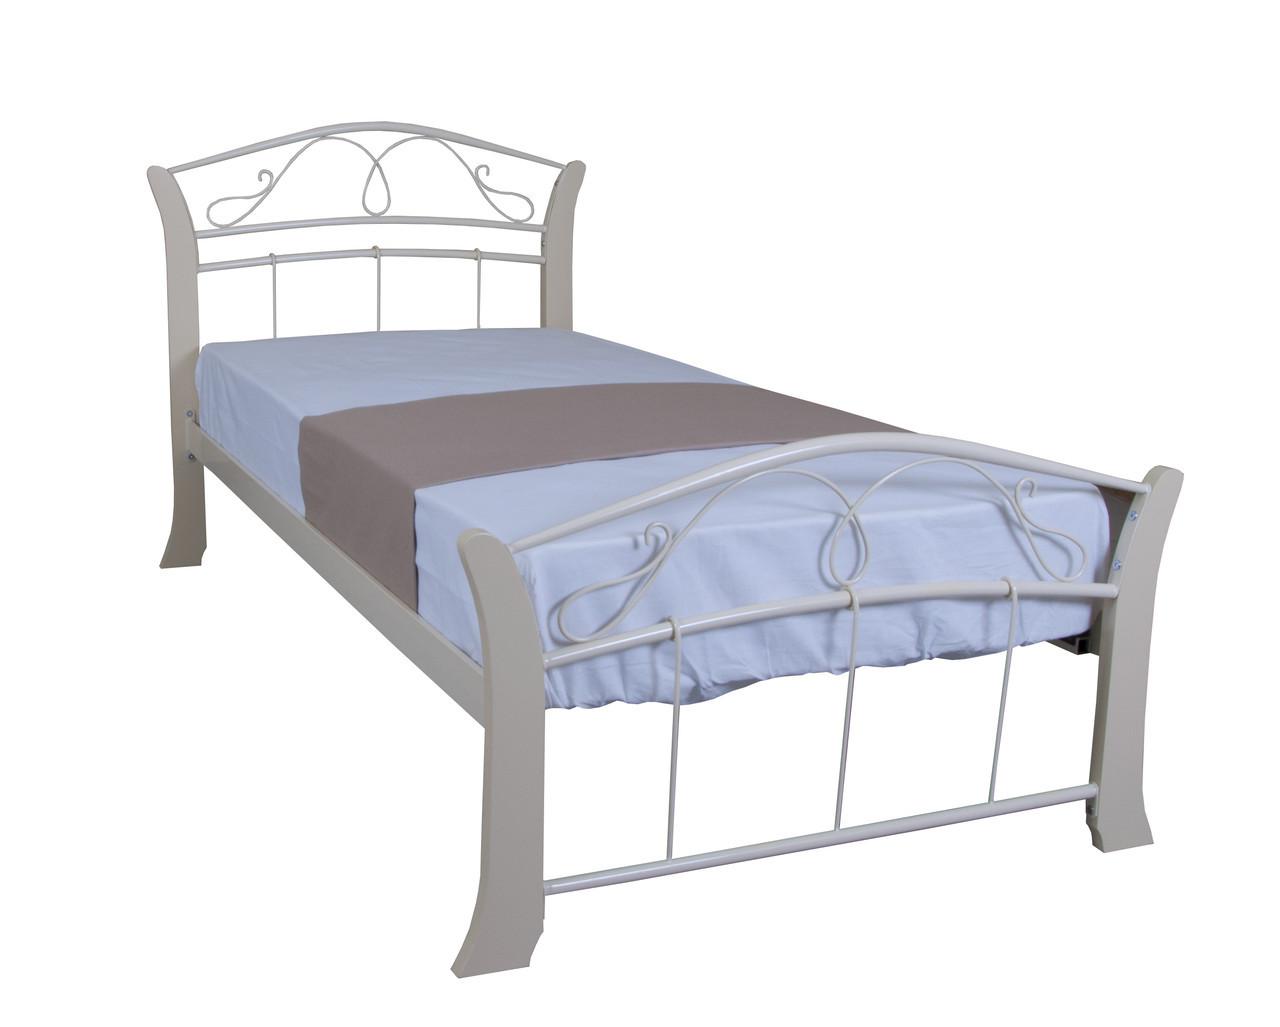 Кровать Селена Вуд односпальная 200х80, черная